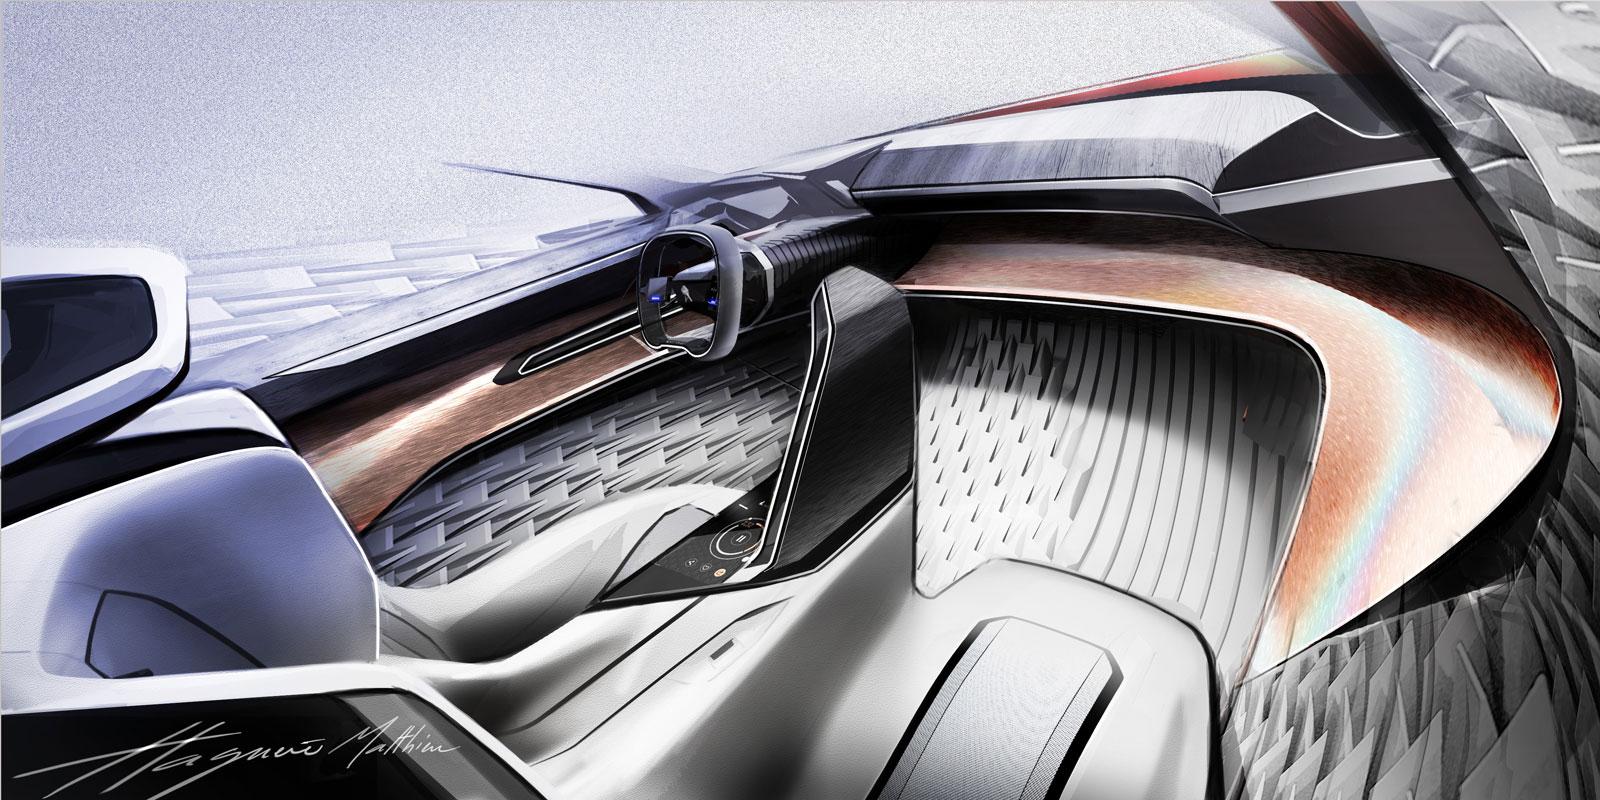 Peugeot Fractal Concept Interior Design Sketch Render ...